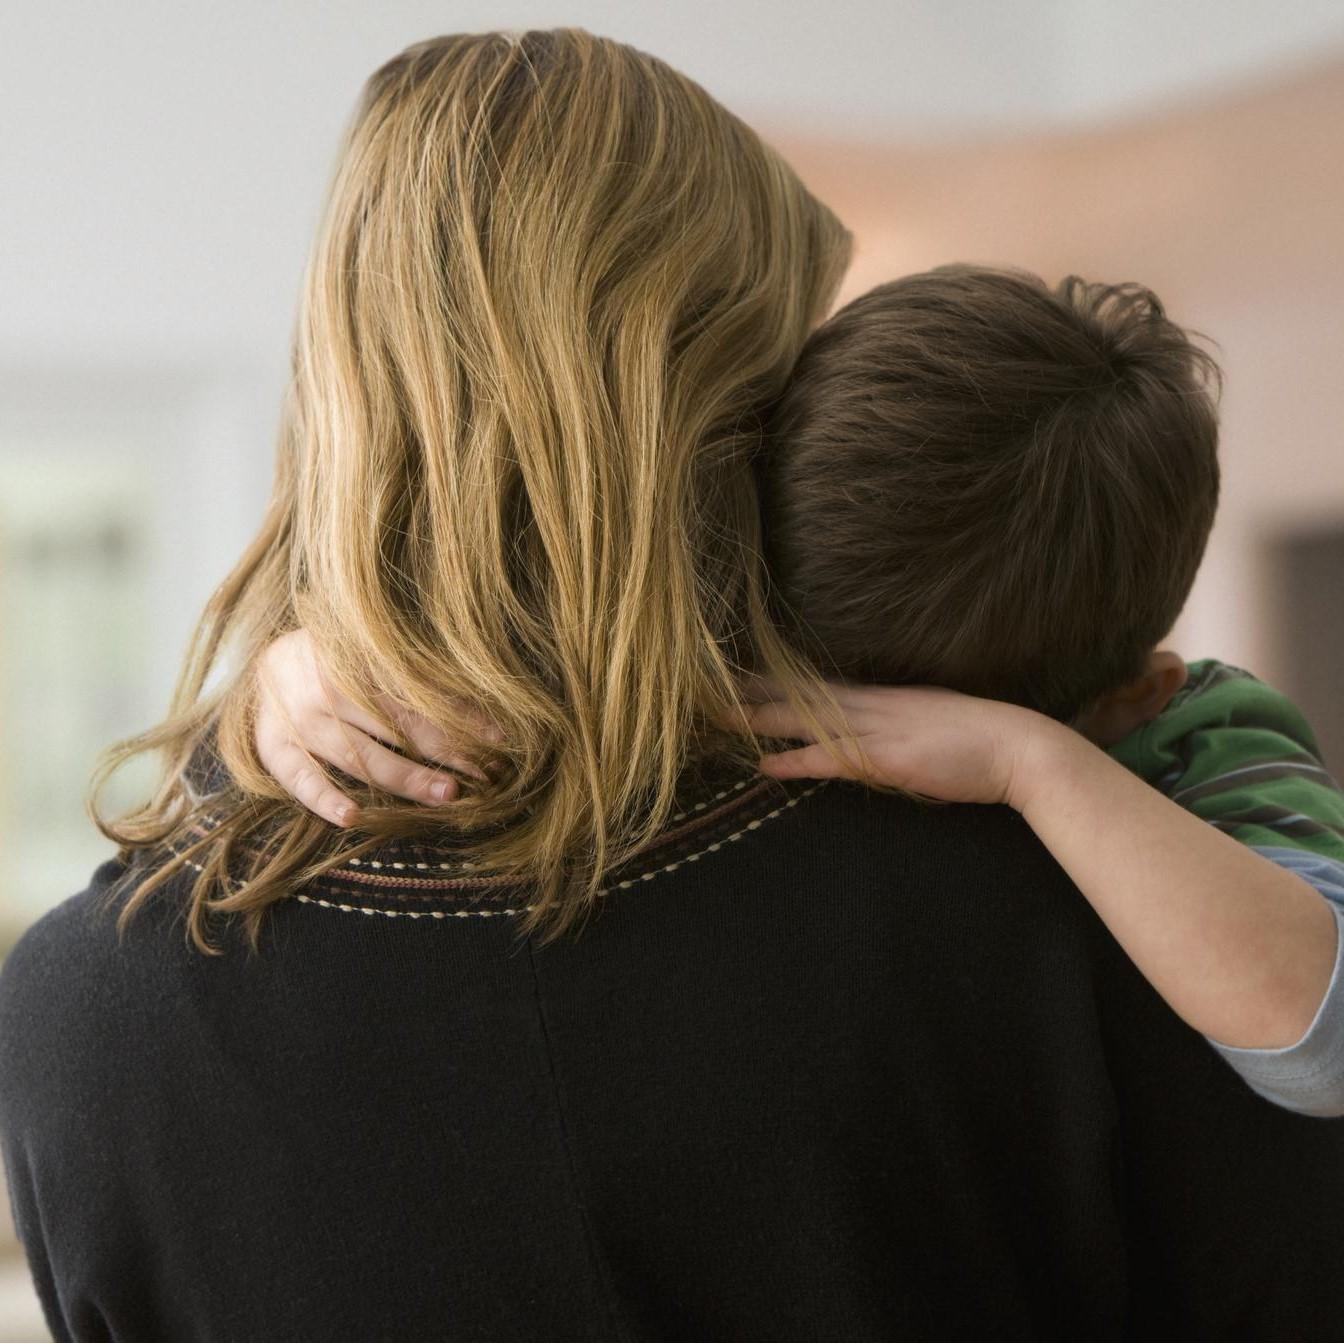 Comment gérer les séparations avec votre enfant?